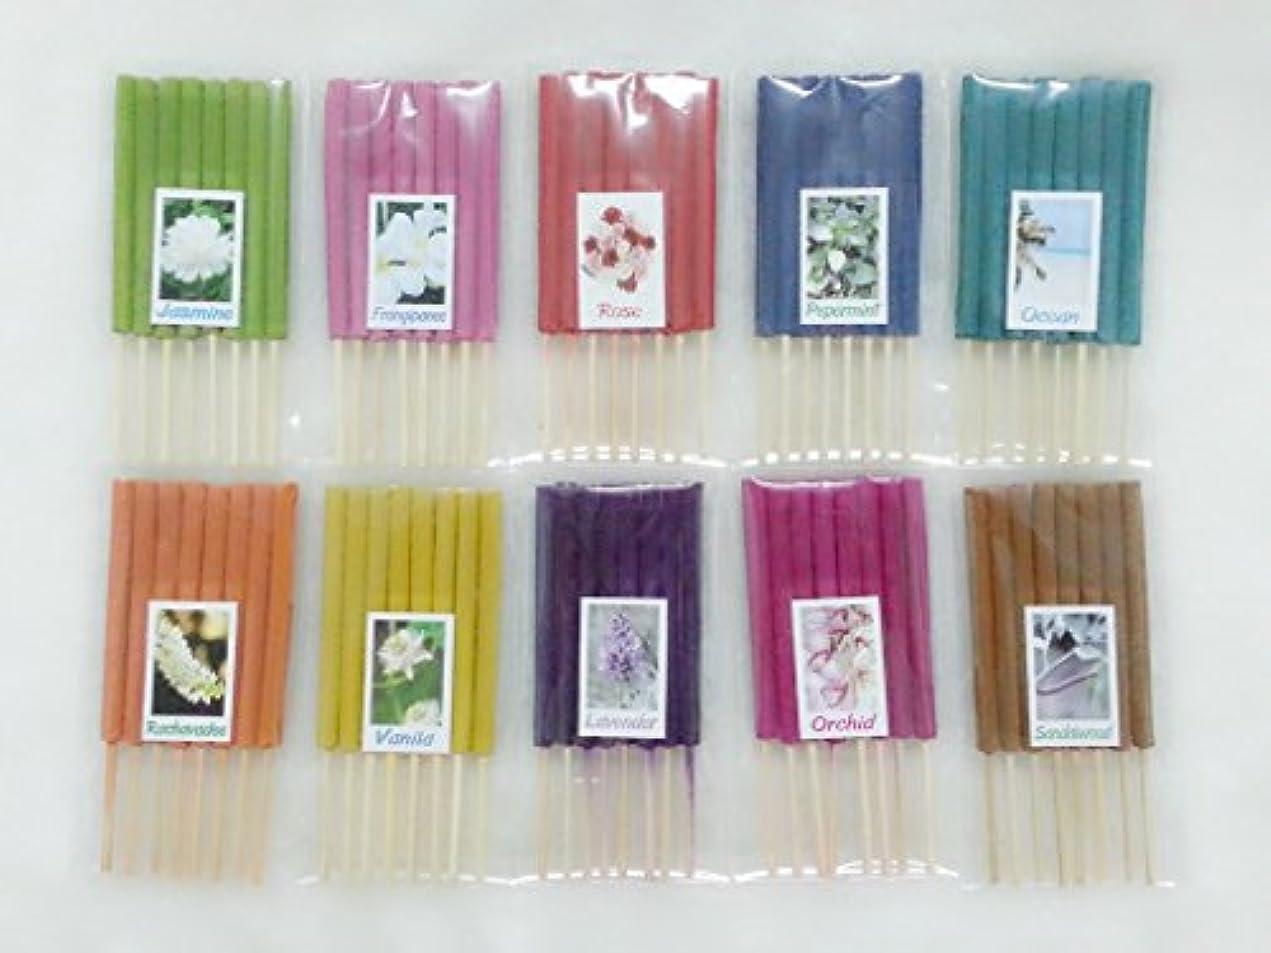 サーマル餌石膏セット7 Mixアロマ10 Scents 80 Sticks Mini Incense Sticks Thai Spaアロマセラピーホームのハーブ&香料、長さ3インチ